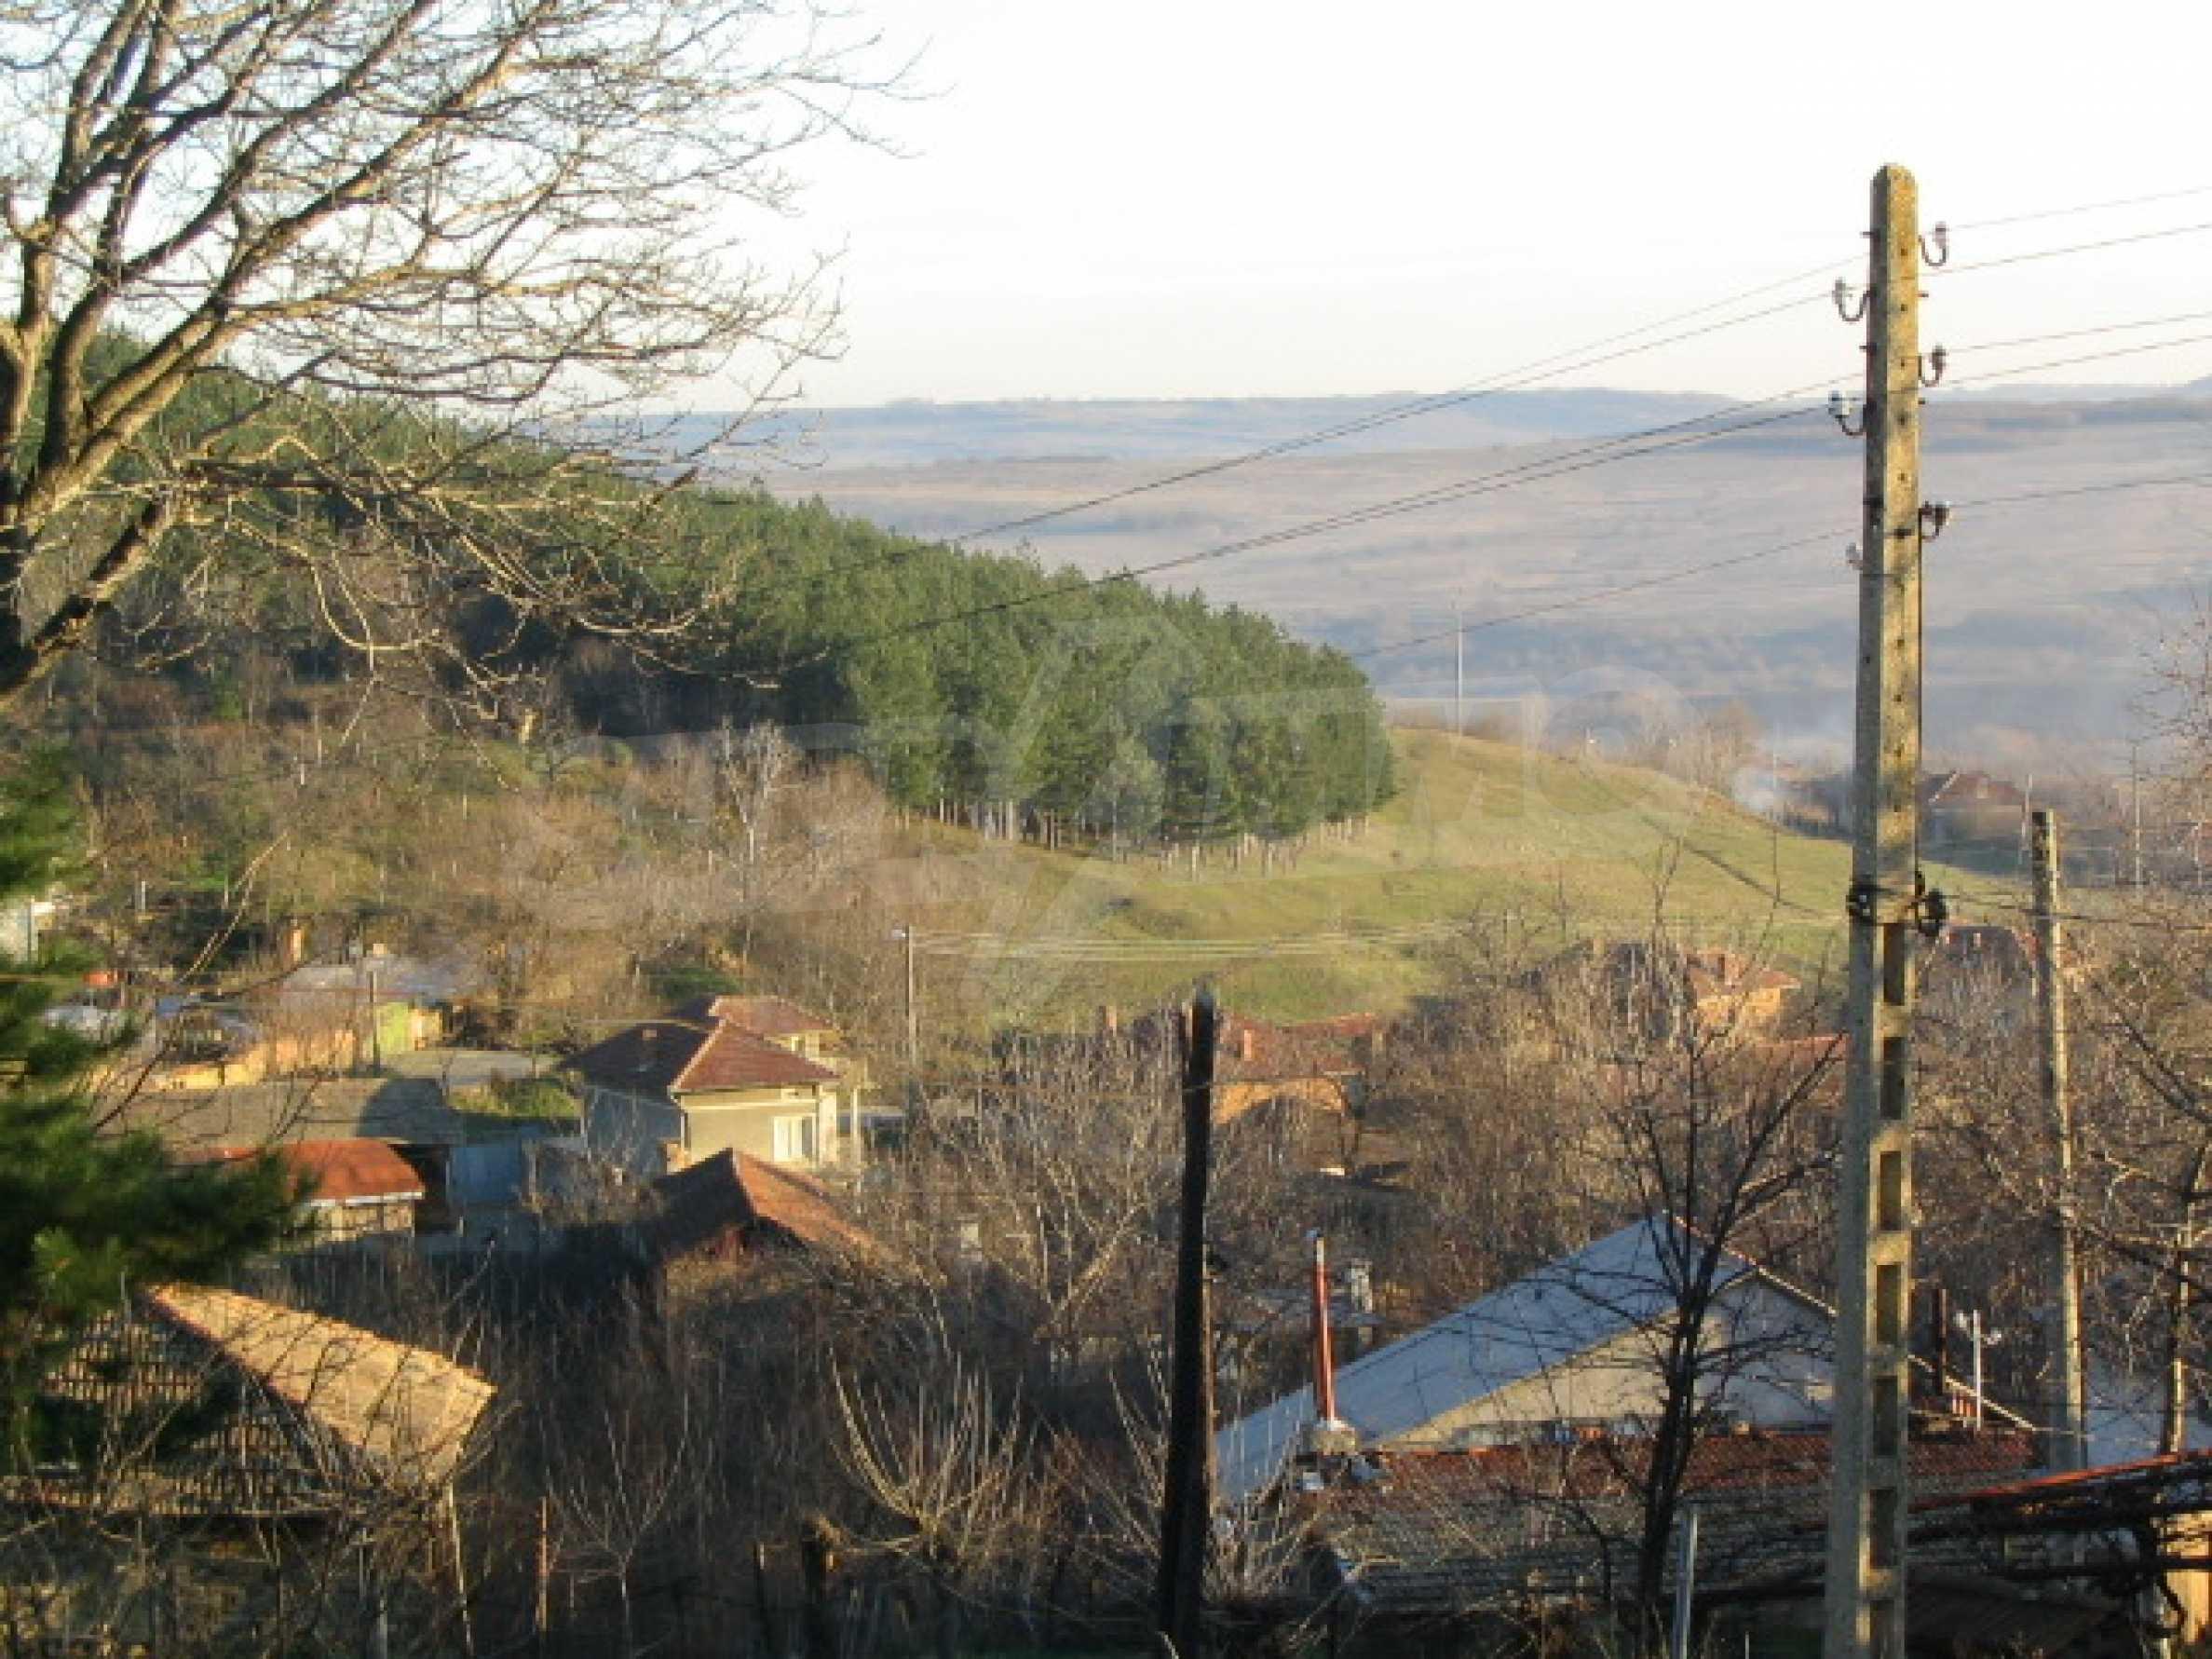 Haus zum Verkauf in der Nähe von Veliko Tarnovo 17